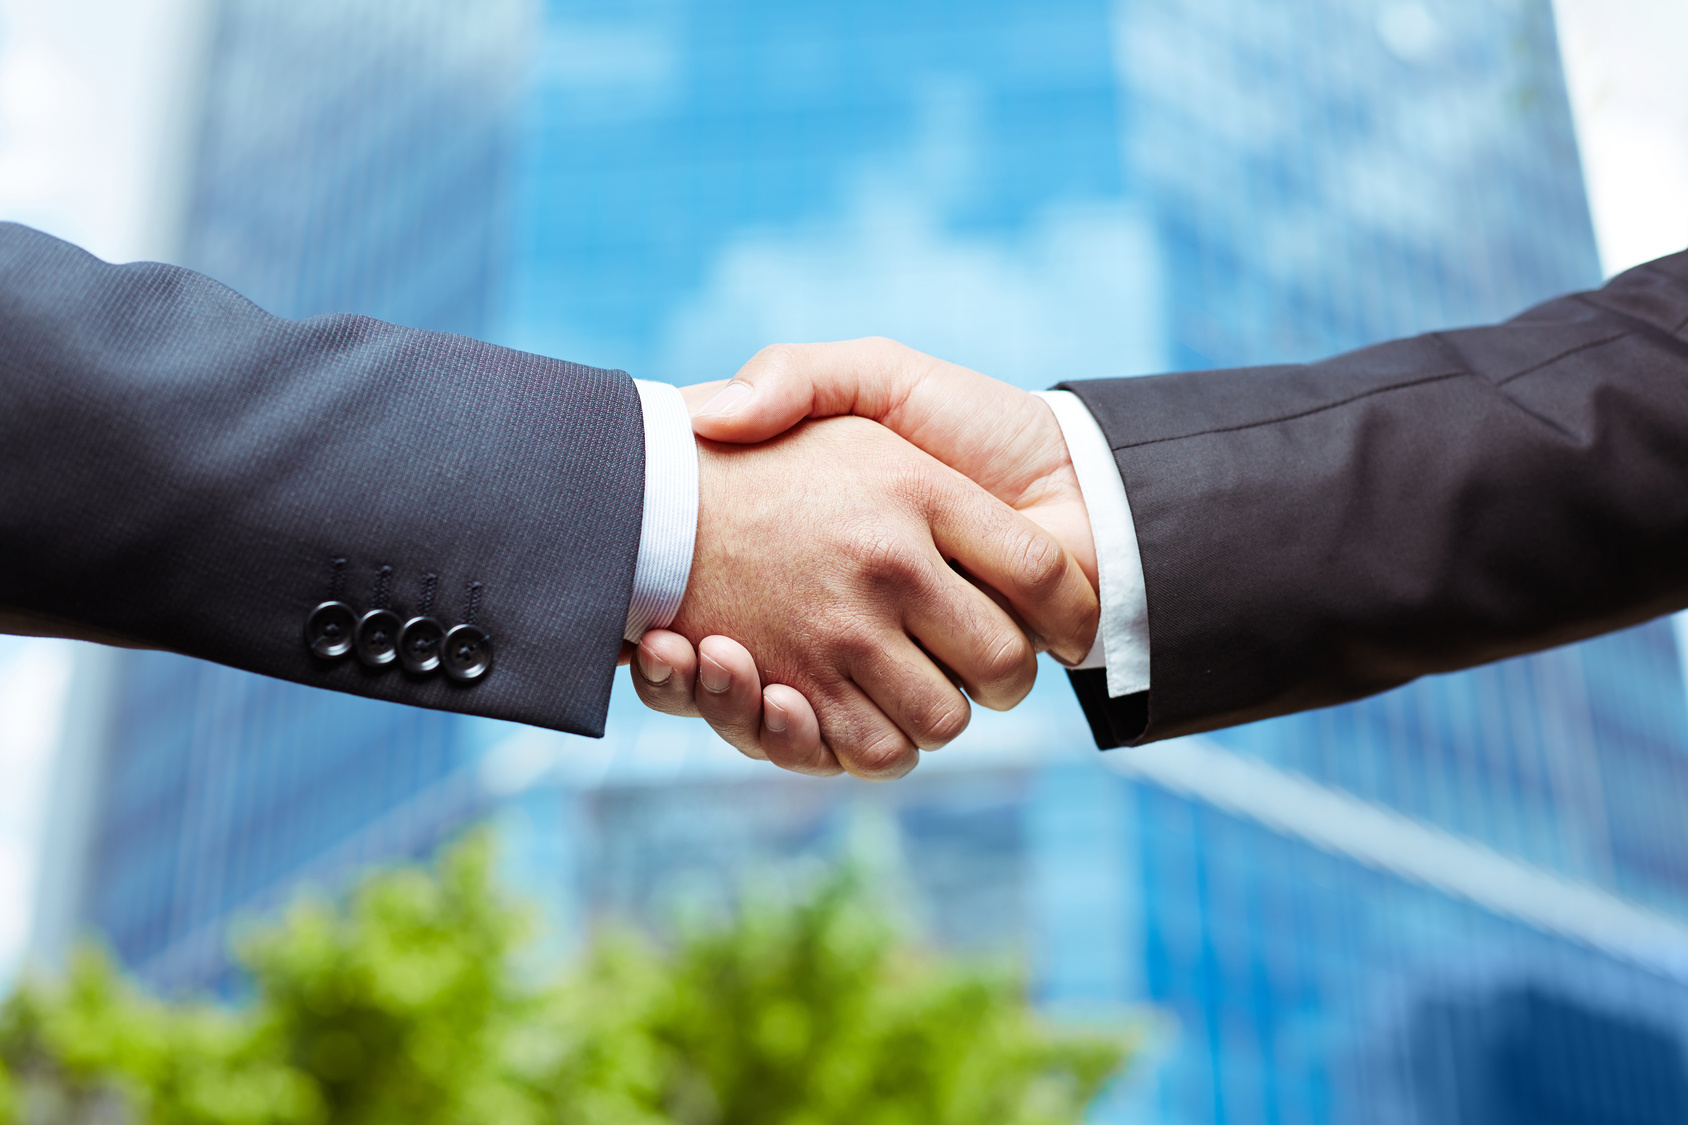 Подписано Соглашение о сотрудничестве между  НИИСФ РААСН и Проектной дирекцией Минстроя России